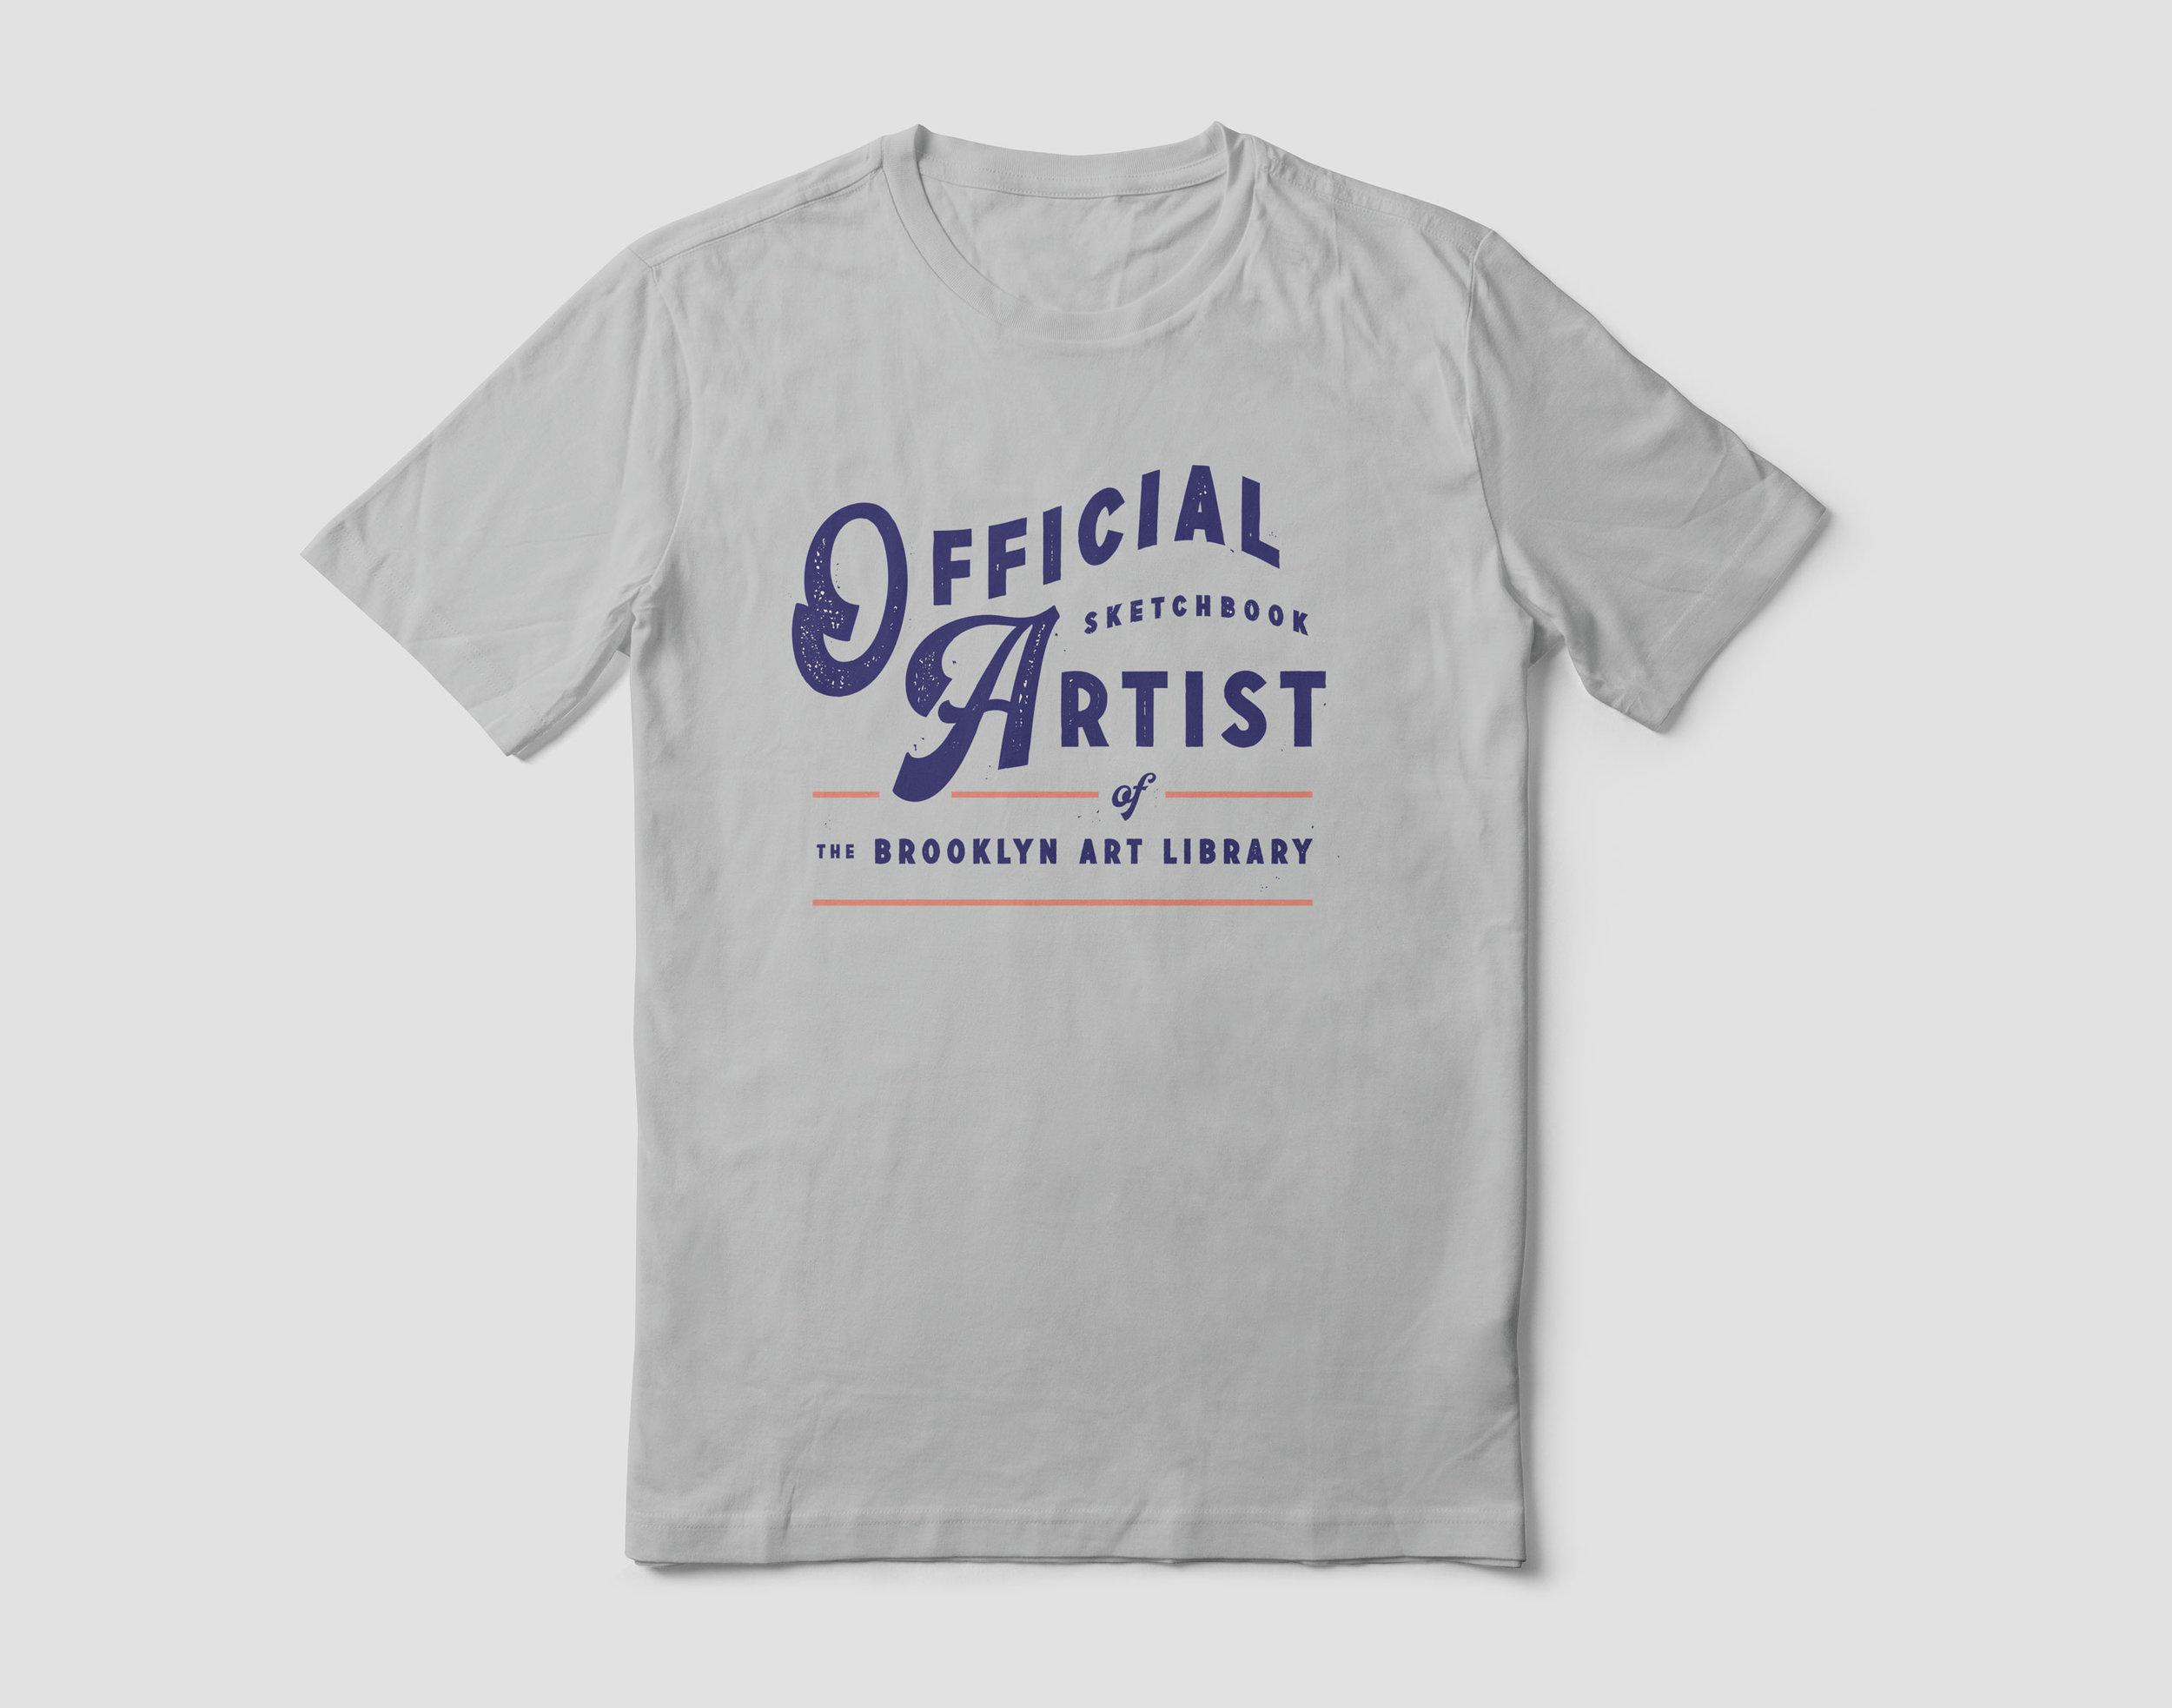 official_shirt.jpg